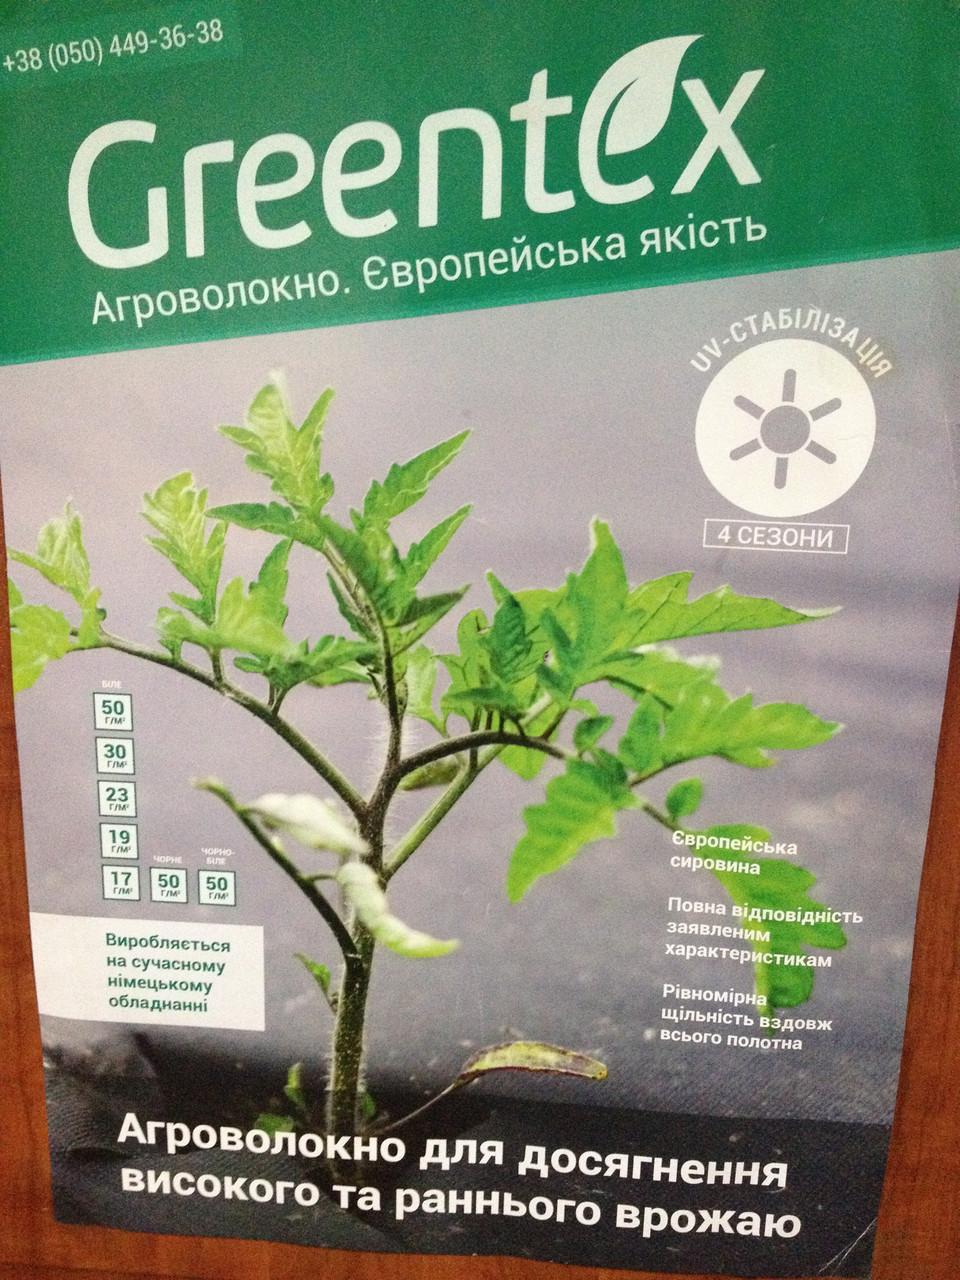 Агроволокно GREENTEX черно-белое 1.05х100 (105 м2) Польща 50гр/м.кв